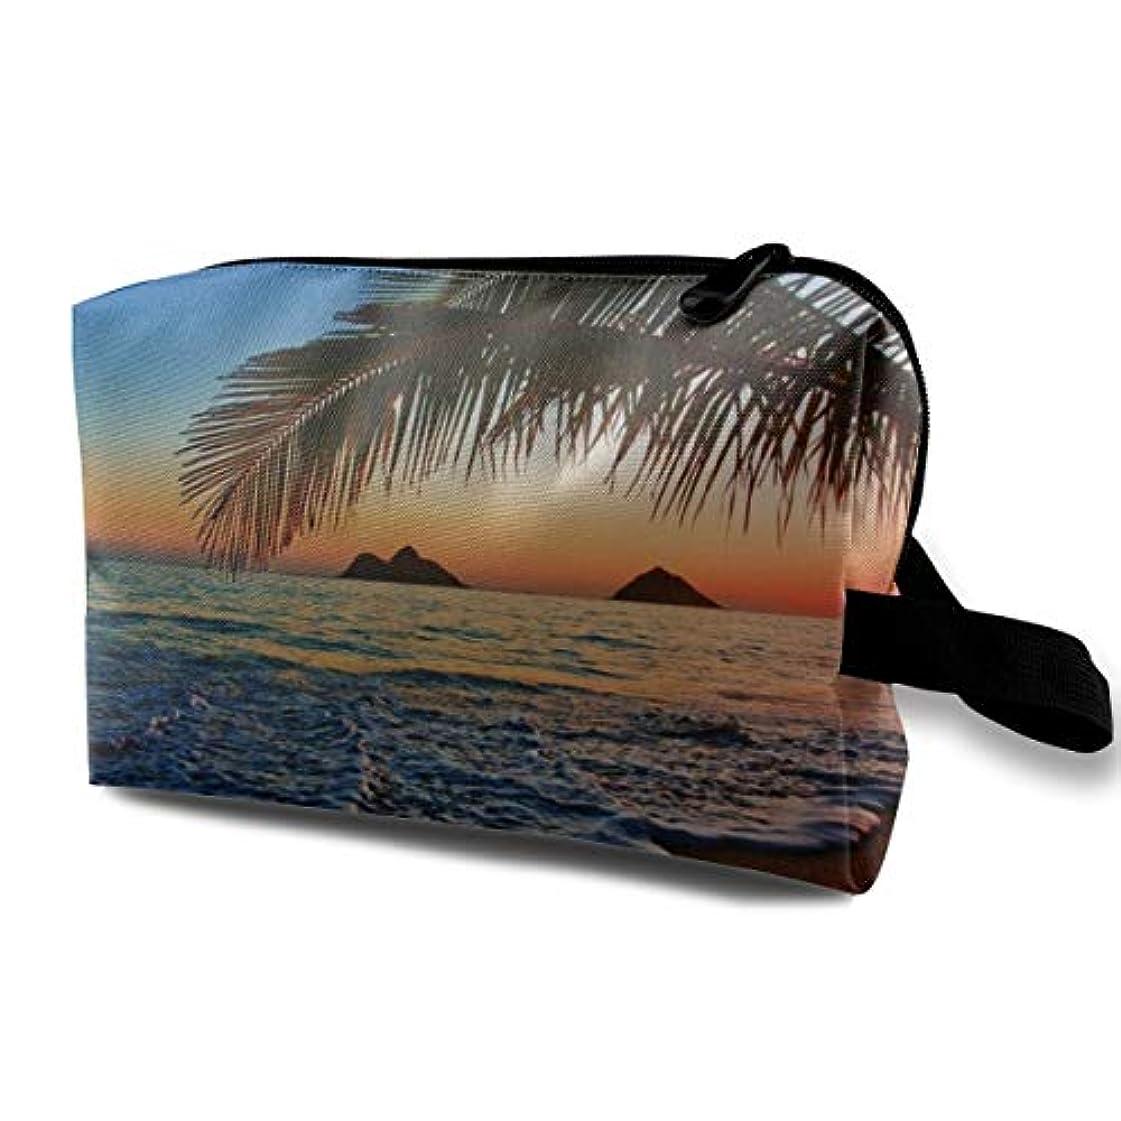 ドアミラー試みトラップPacific Sunrise Beach 収納ポーチ 化粧ポーチ 大容量 軽量 耐久性 ハンドル付持ち運び便利。入れ 自宅?出張?旅行?アウトドア撮影などに対応。メンズ レディース トラベルグッズ